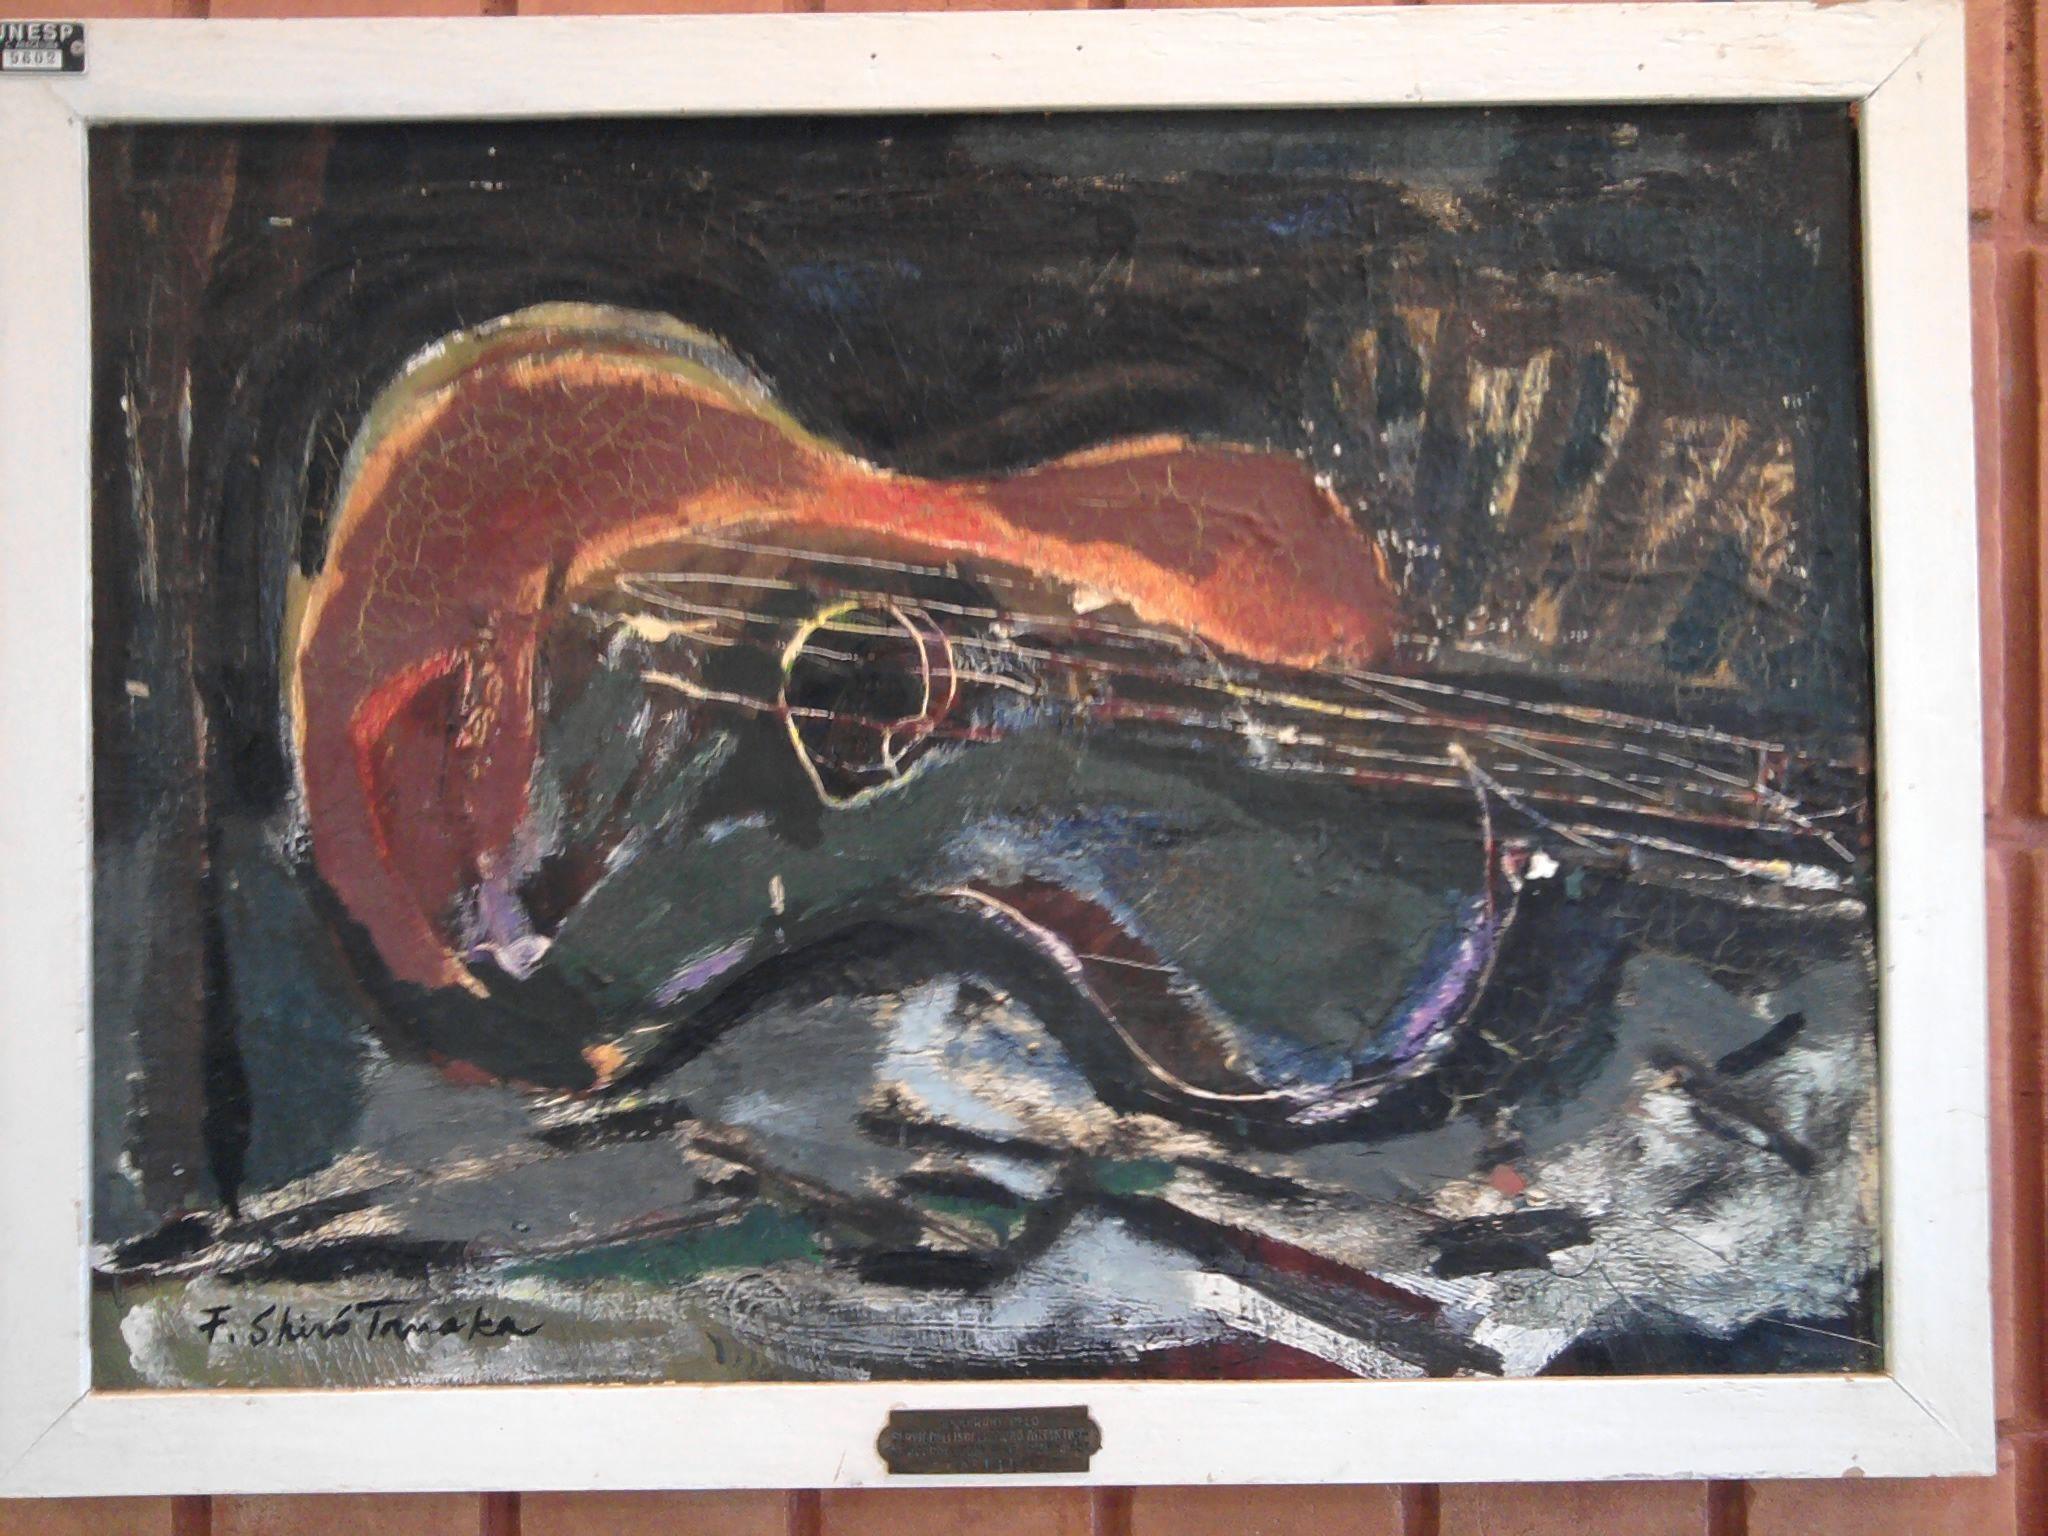 Pintura de Flávio Shiró Tanaka (Sapporo, Japão, 1928) é um pintor, gravador, desenhista e cenógrafo nipo-brasileiro. O artista participou de inúmeras Bienais Internacionais, como São Paulo, França, Argentina, Havana e importantes Salões de Arte Internacionais tanto dentro do território brasileiro como no exterior. Fonte: http://www.rfi.fr/actubr/articles/063/article_8.asp Por Maria Emilia Alencar Reportagem publicada em 09/03/2005 Última atualização 21/03/2005 14 www.itaucultural.org.br